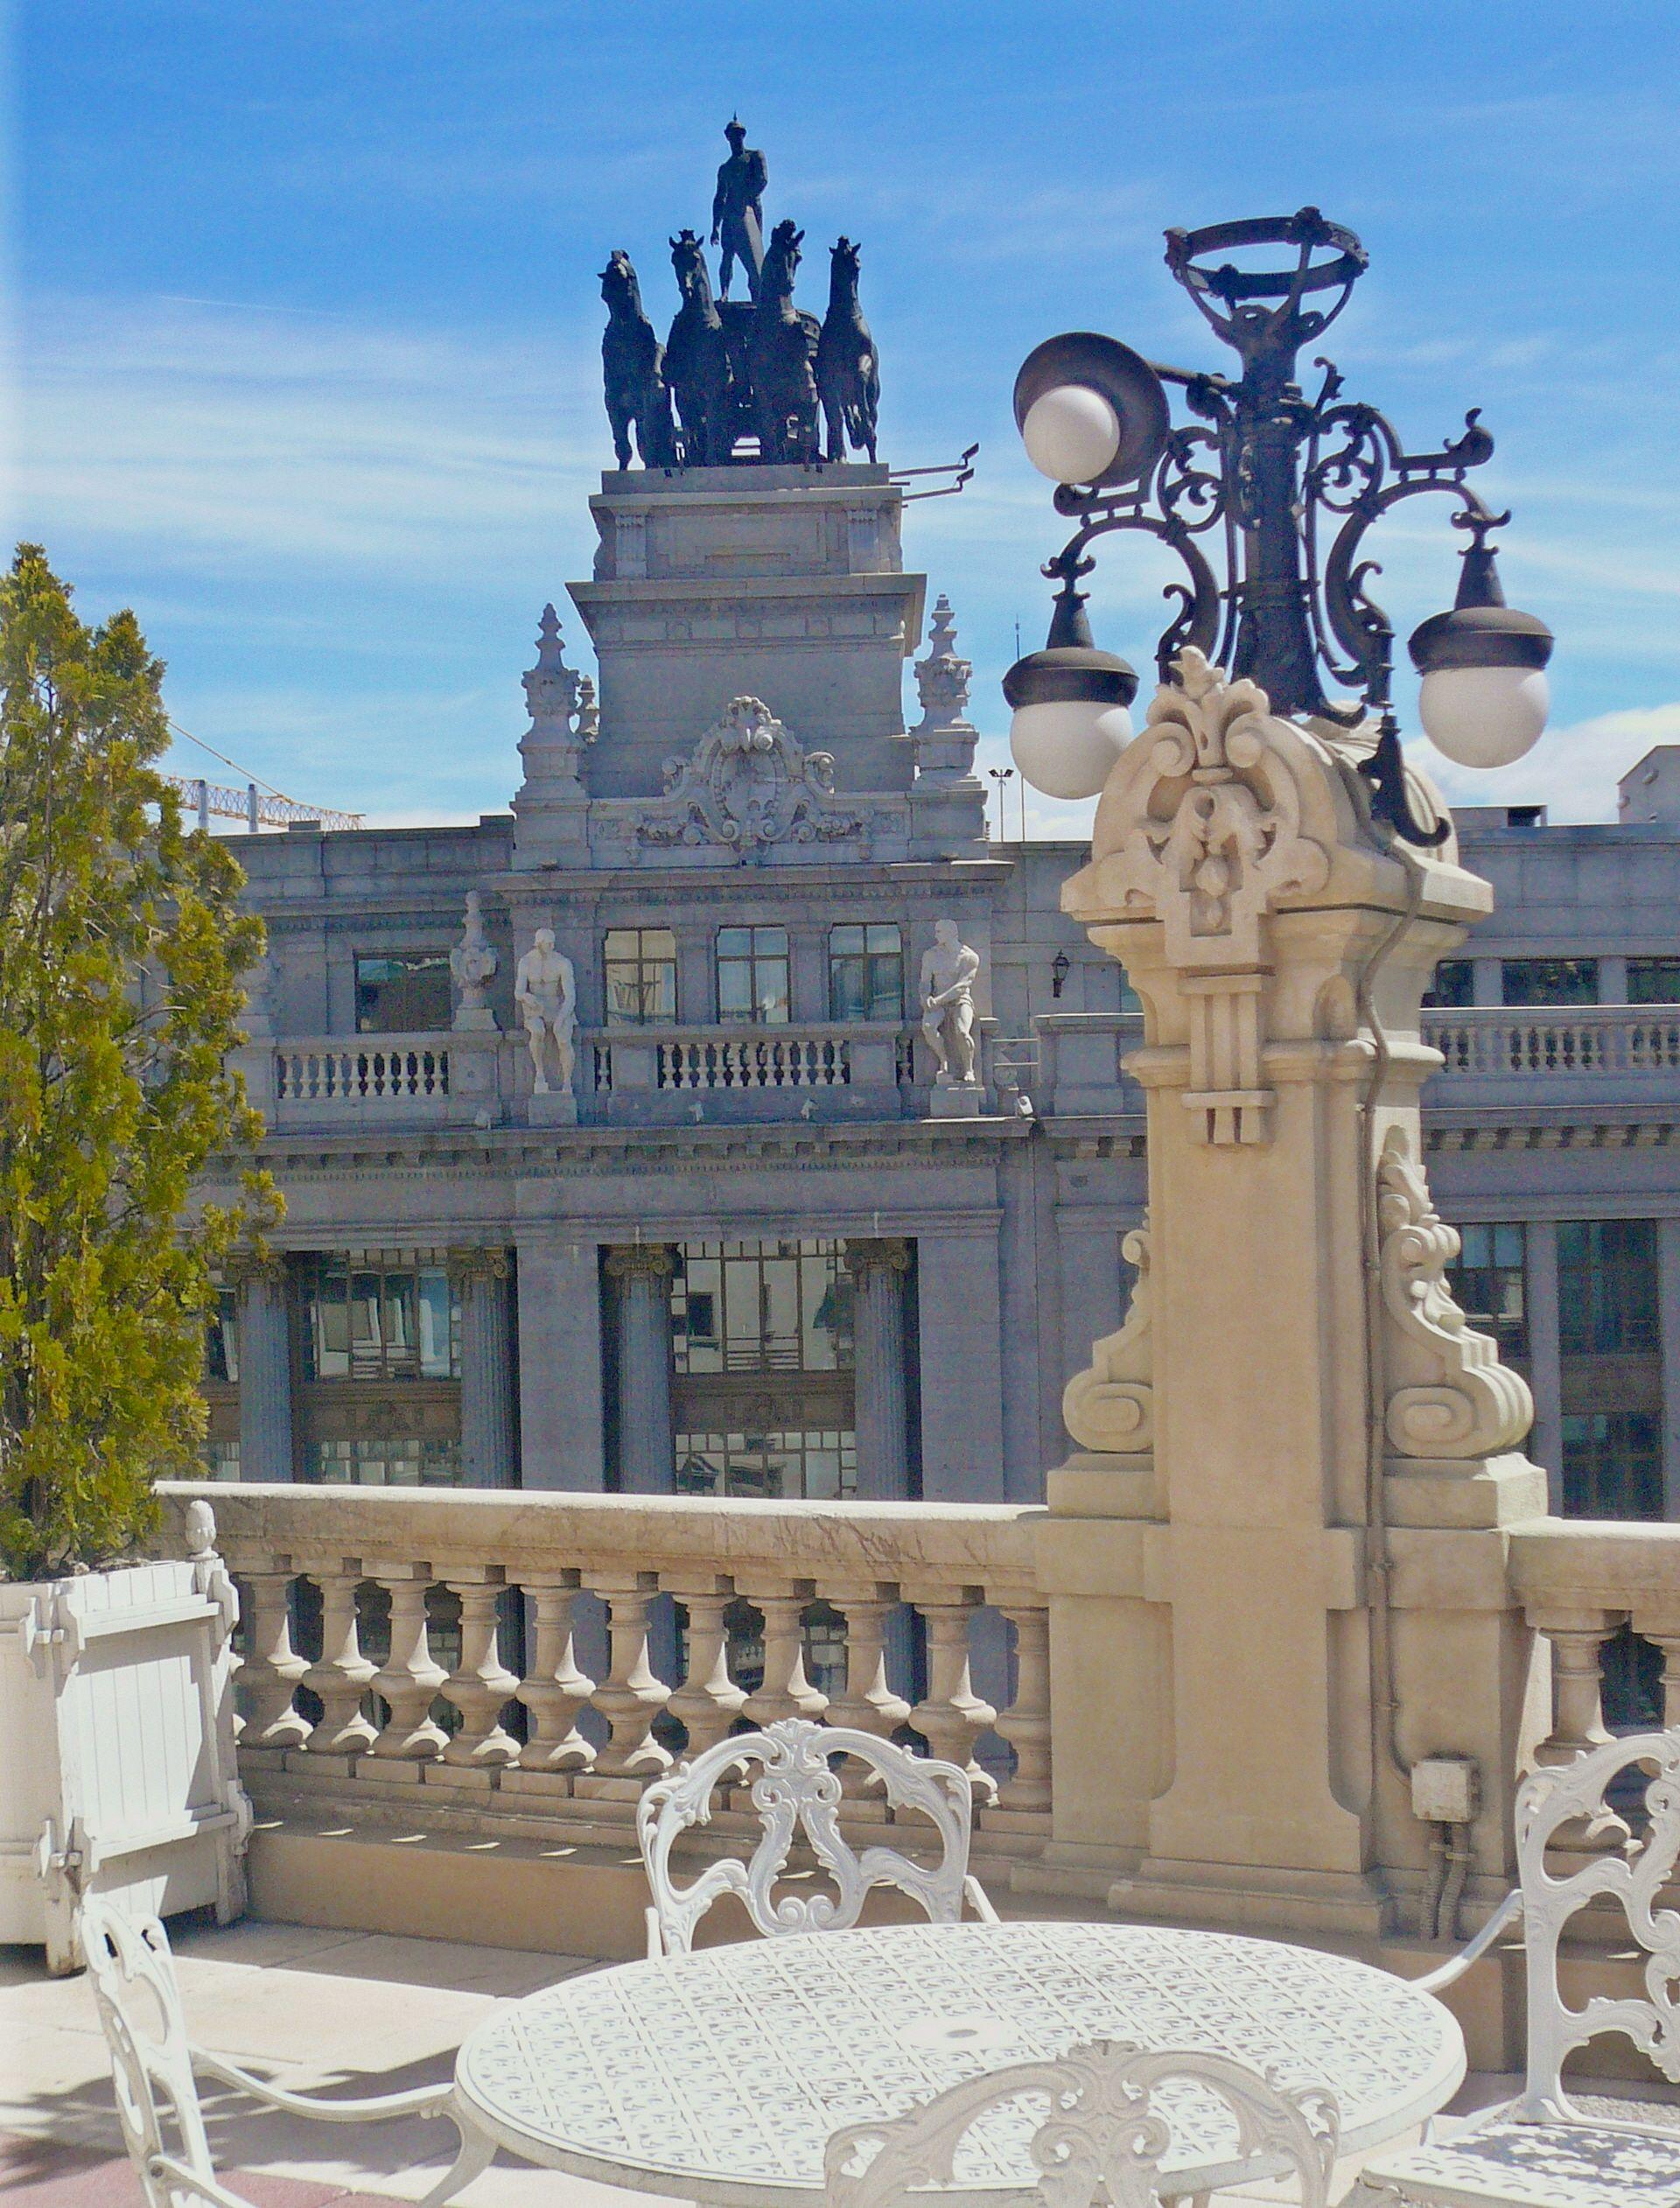 Terraza Del Casino De Madrid Http Www Pinterest Com Pinfantasy Viajes Espa C3 B1a En Im C3 A1genes Imagenes De Madrid Madrid Espana Terrazas Madrid